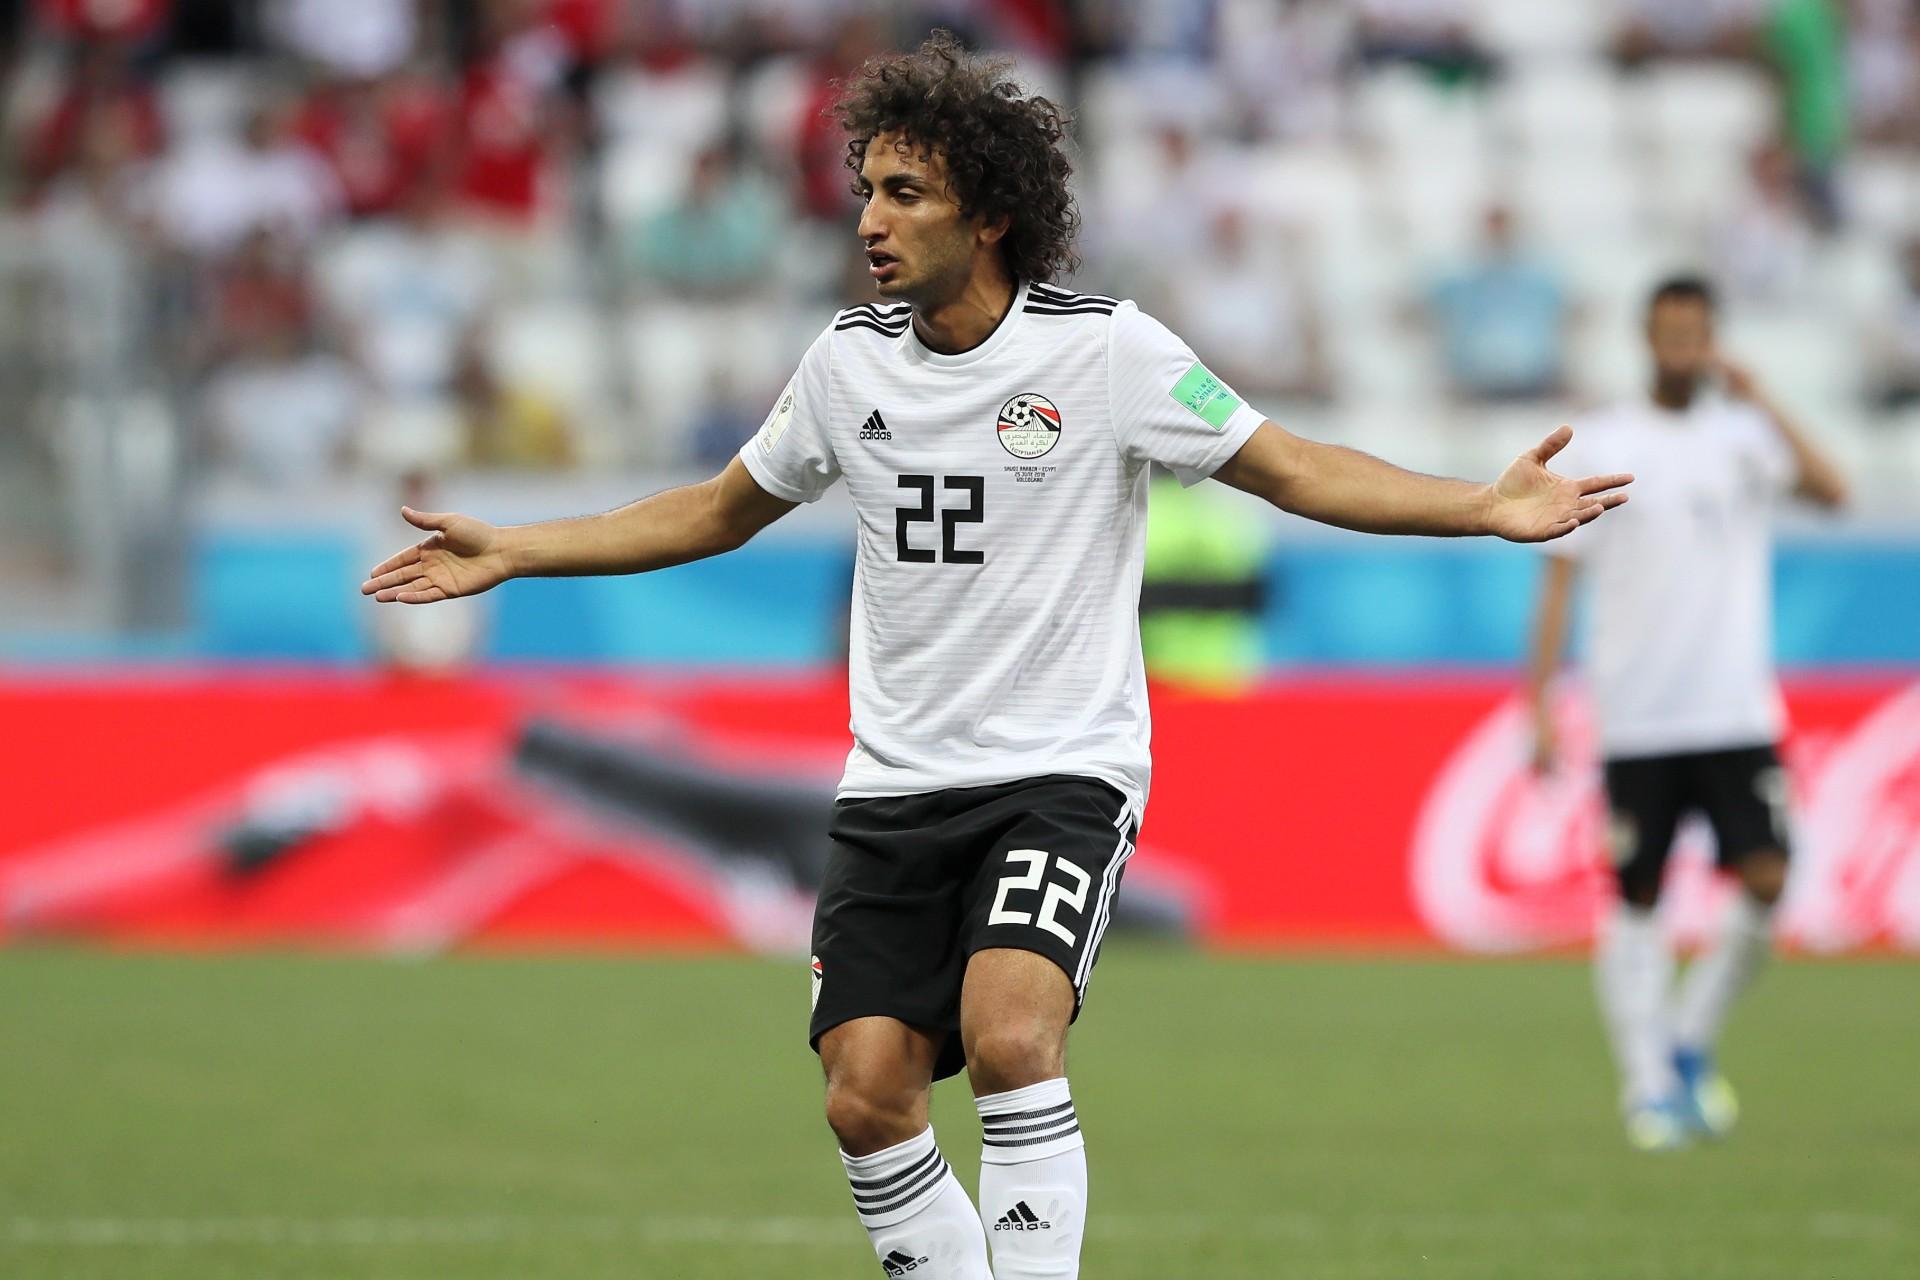 Le sublime coup franc de Mohamed Salah en vidéo